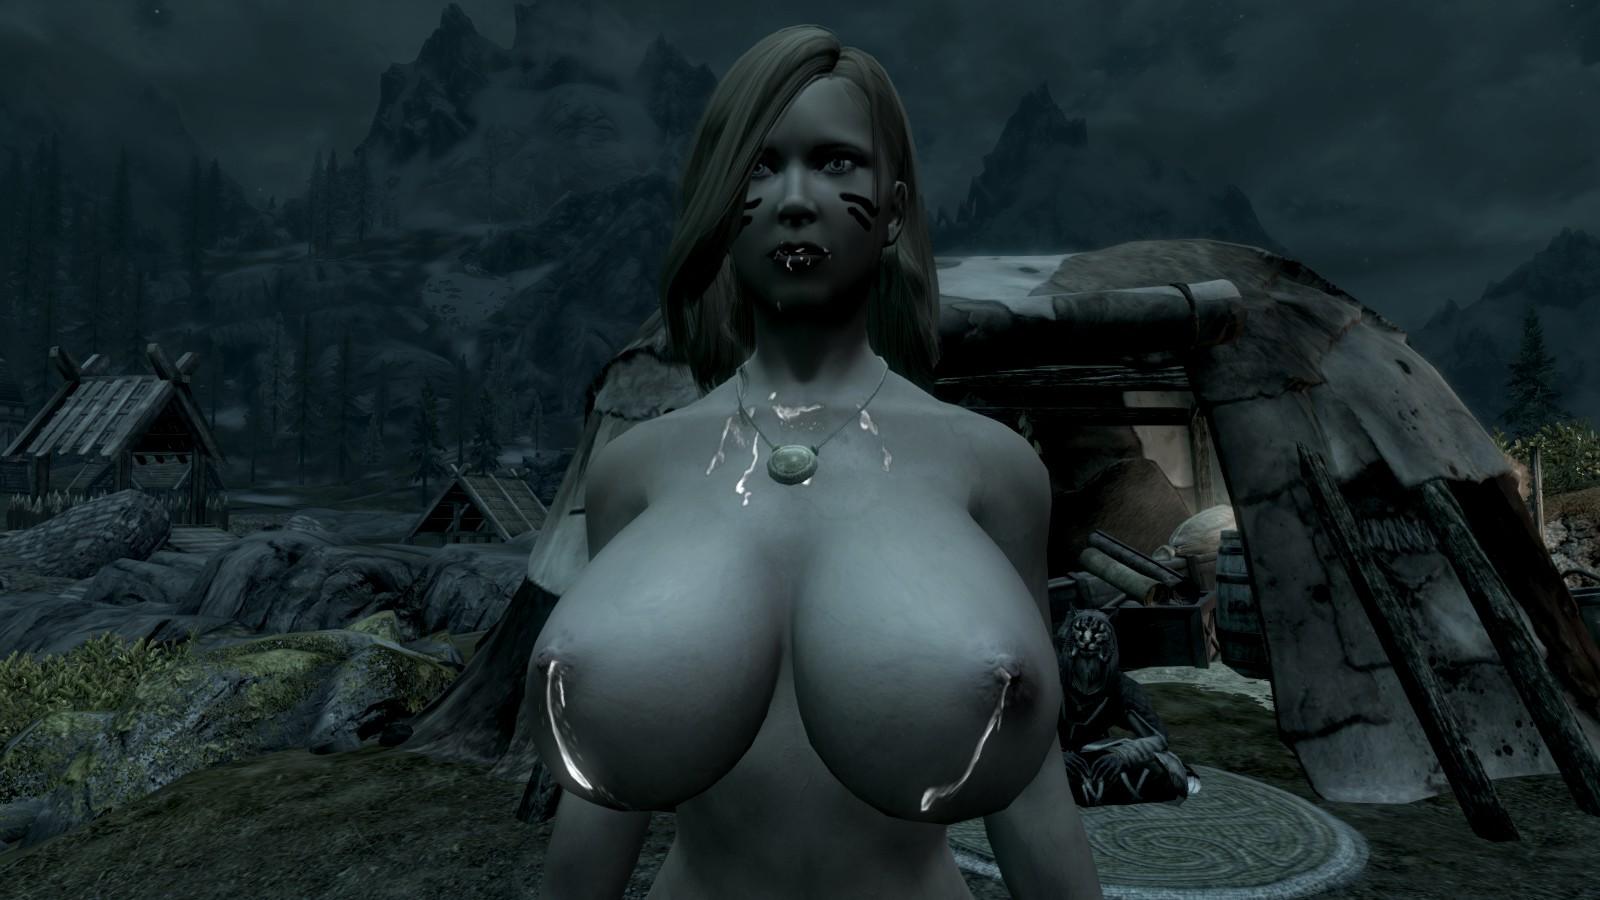 Nude khajiit boobs sexy movies